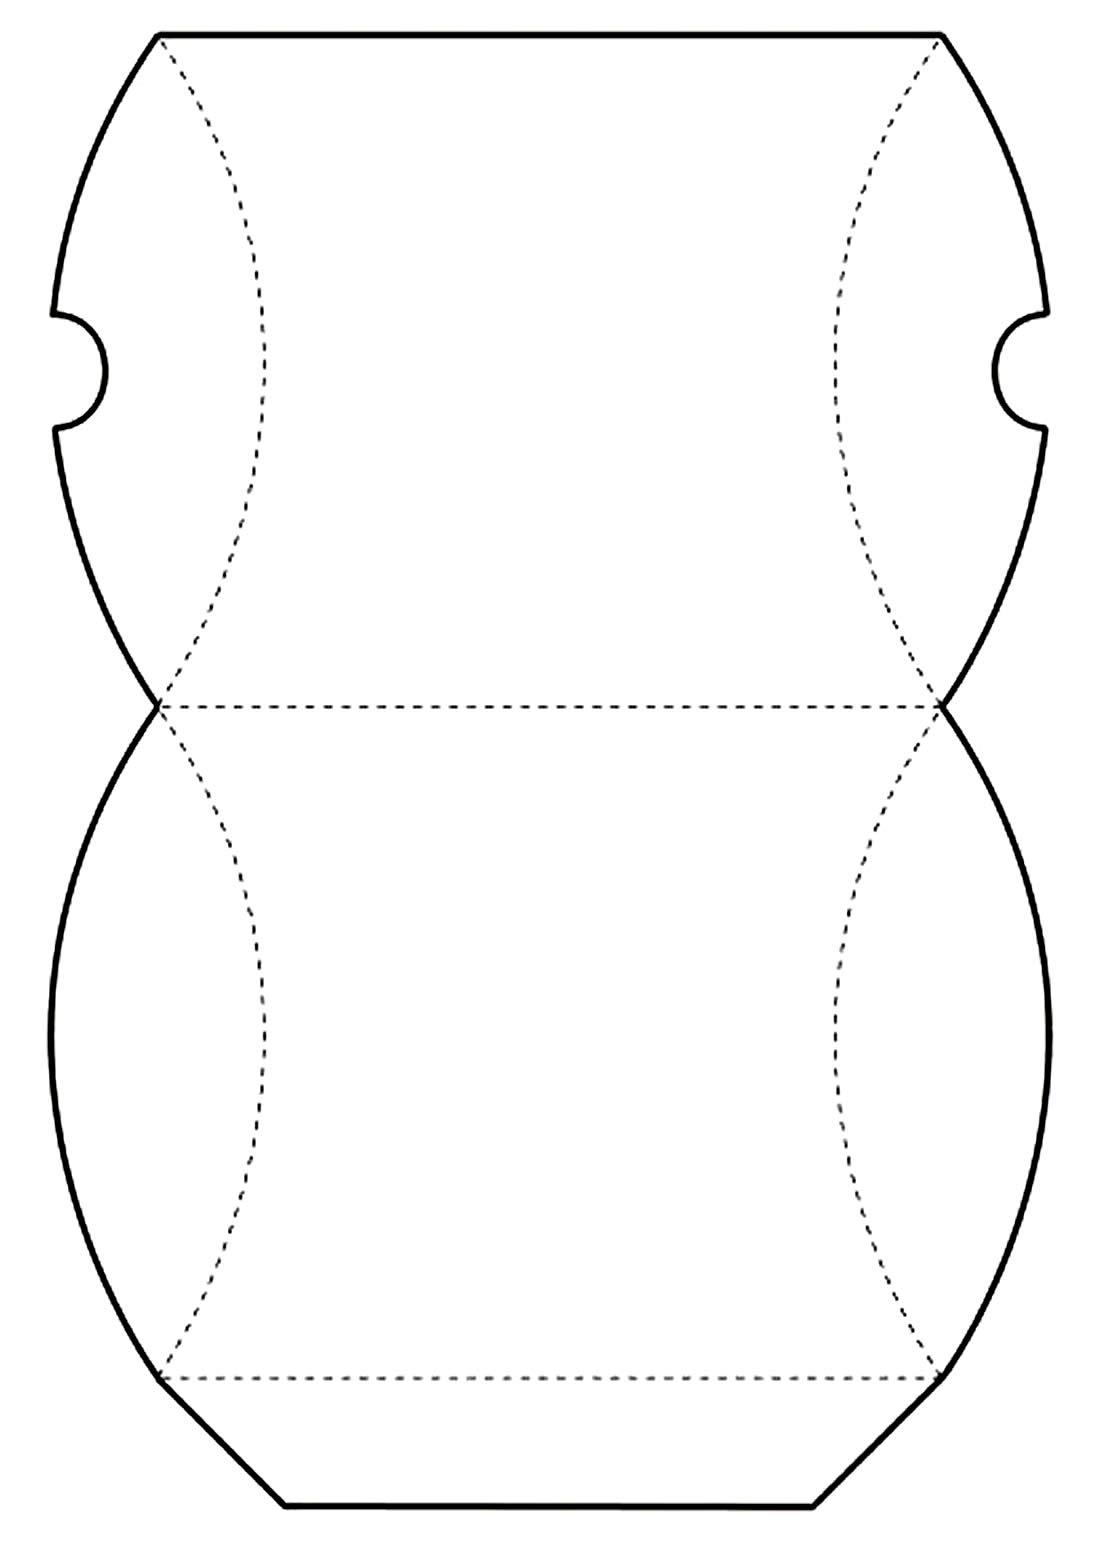 Molde para caixinha de sabonete